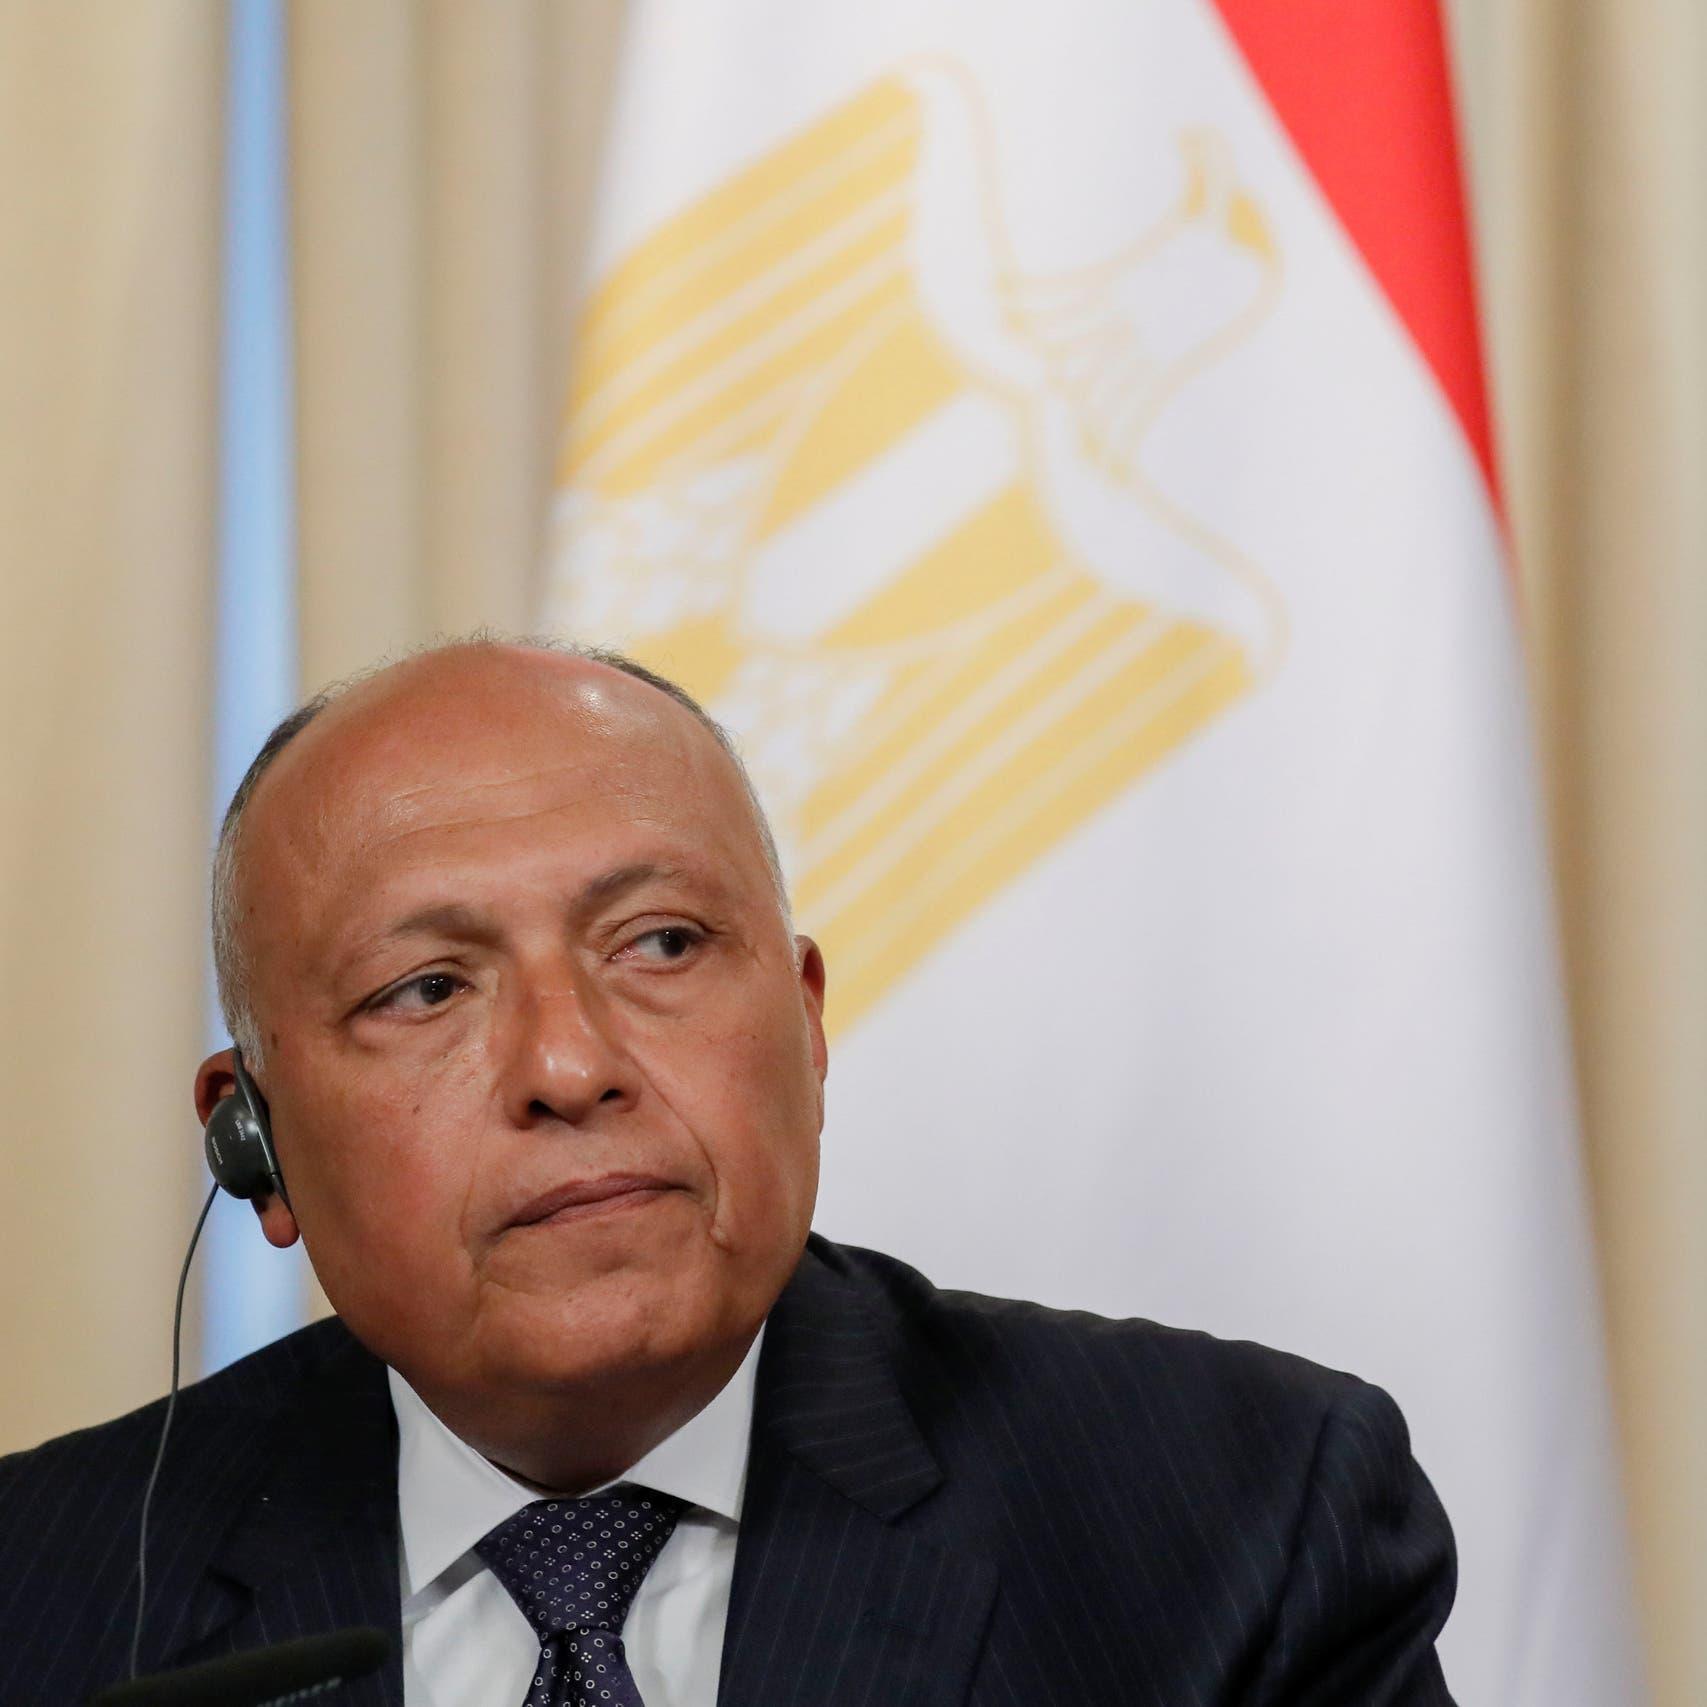 مصر تبحث أزمة ليبيا مع روسيا وألمانيا والأمم المتحدة